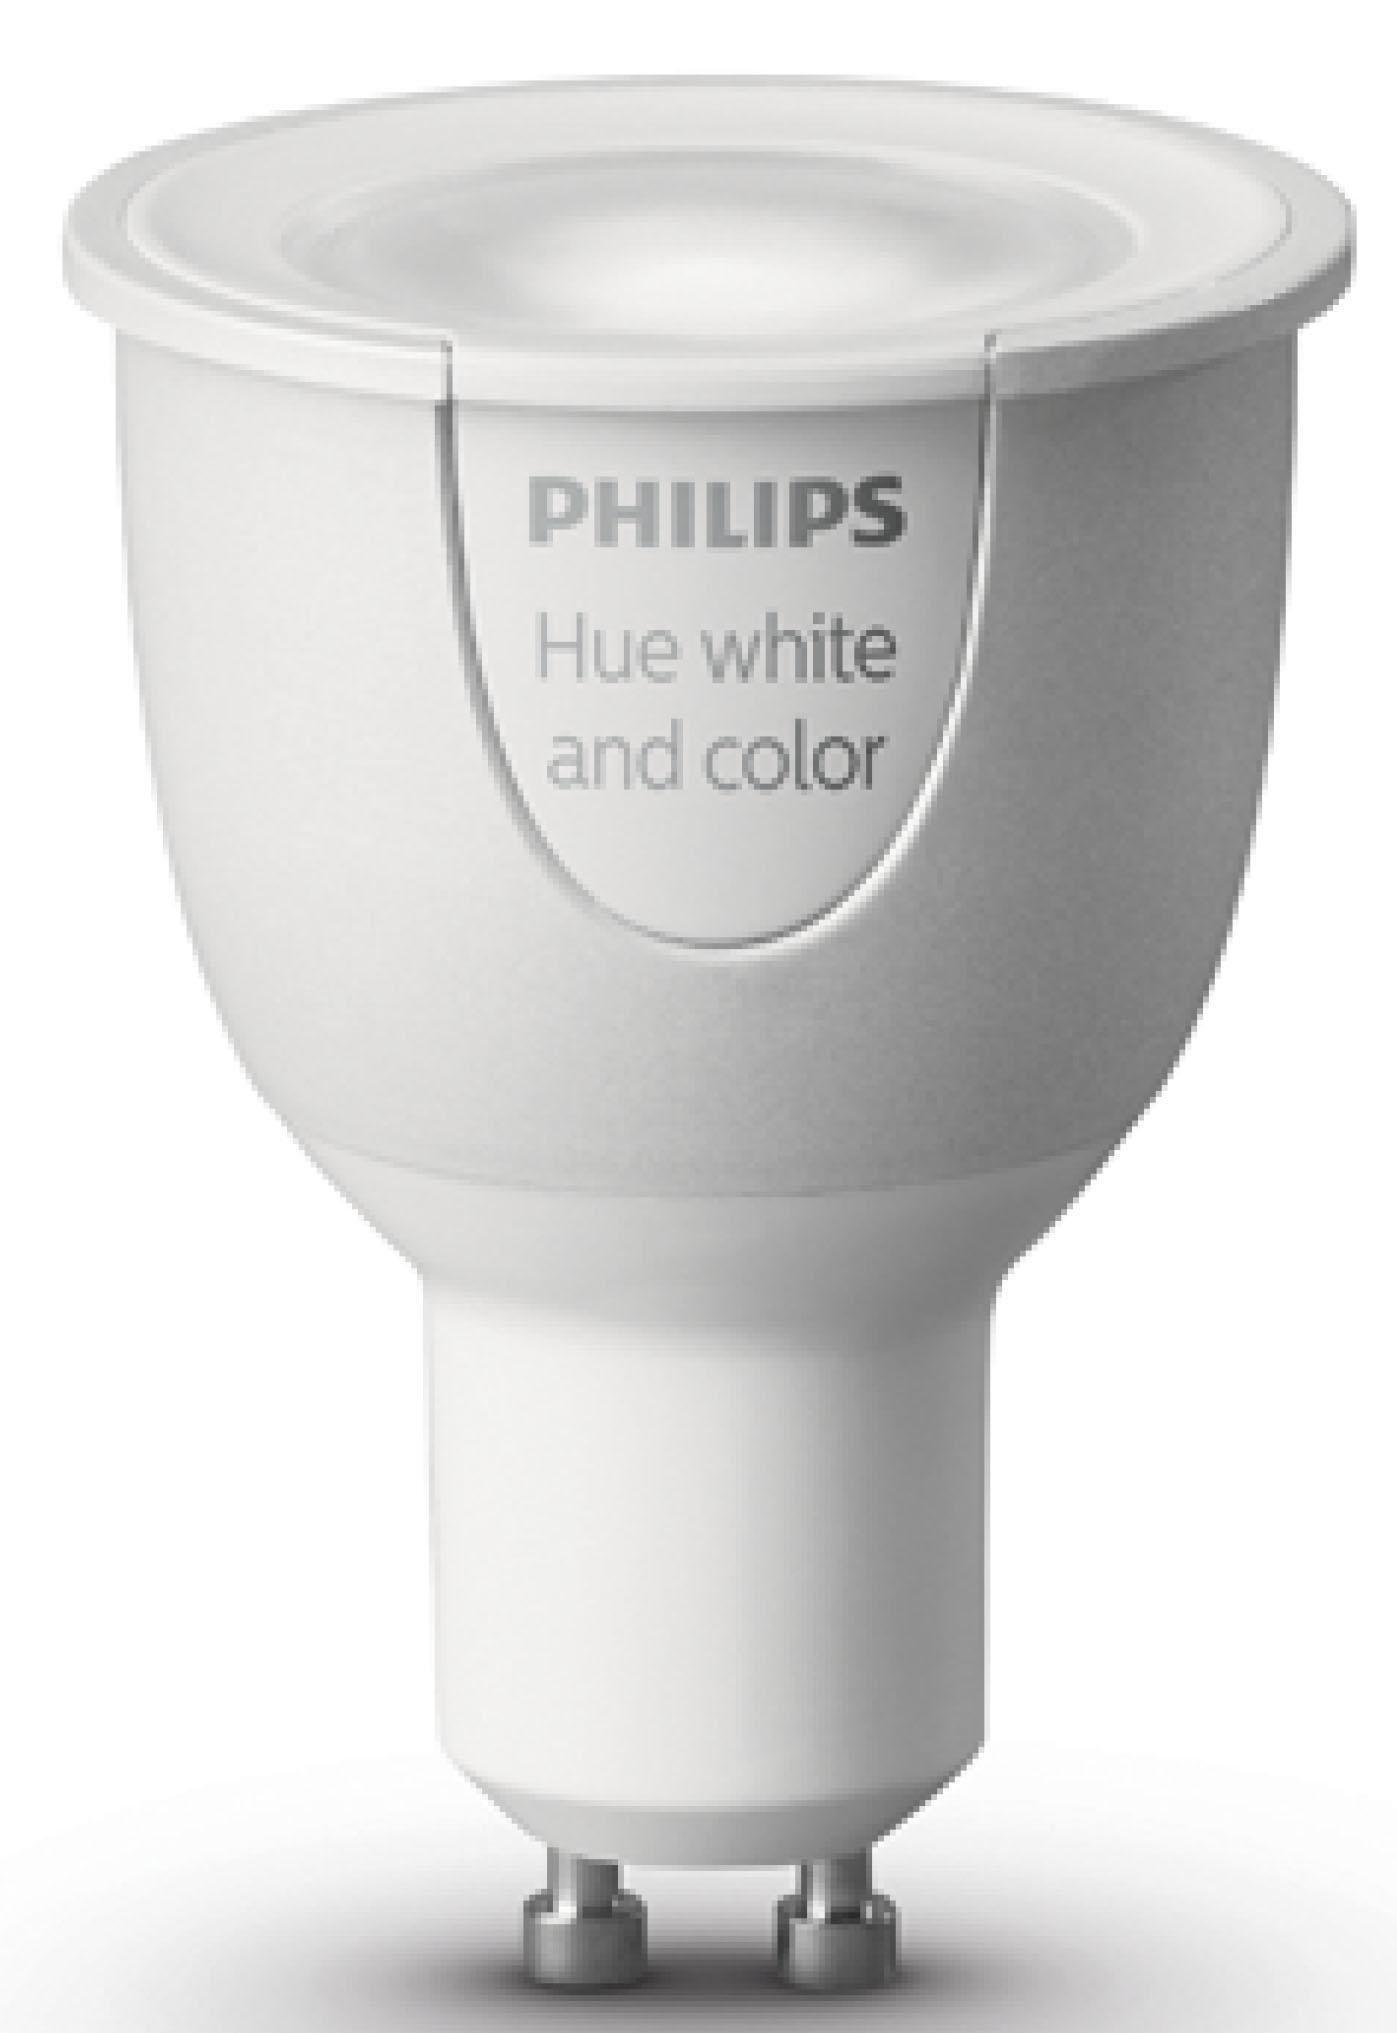 White & Color Ambiance, GU10 Erweiterung - weiß und farbig - smartes LED-Lichtsystem mit App-Steuerung